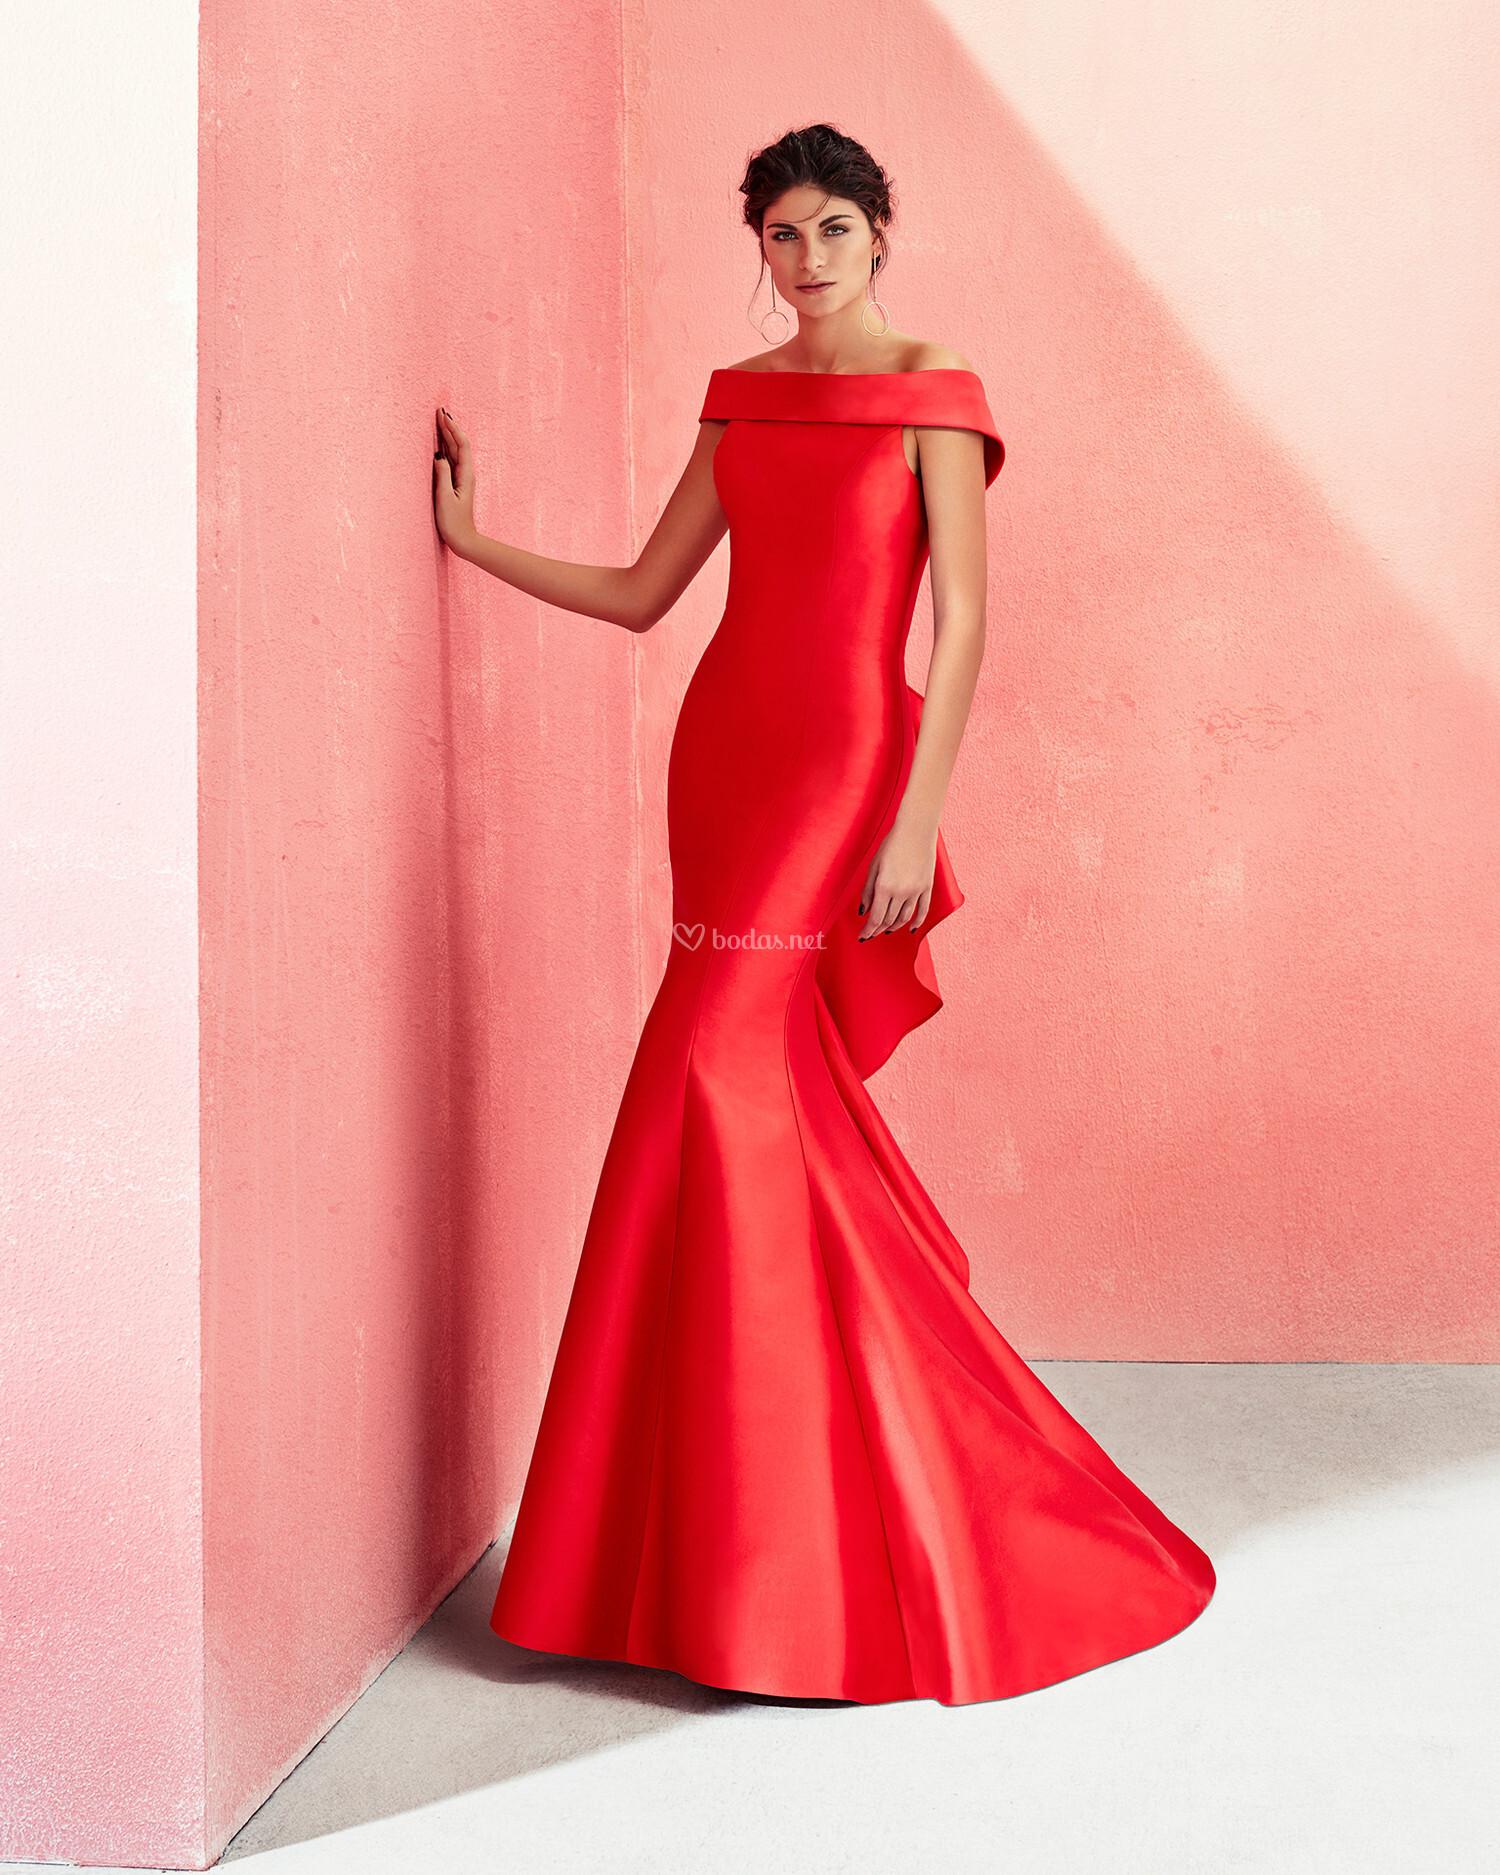 Lujoso Vestido De Novia De Alquiler Dallas Tx Cresta - Colección de ...